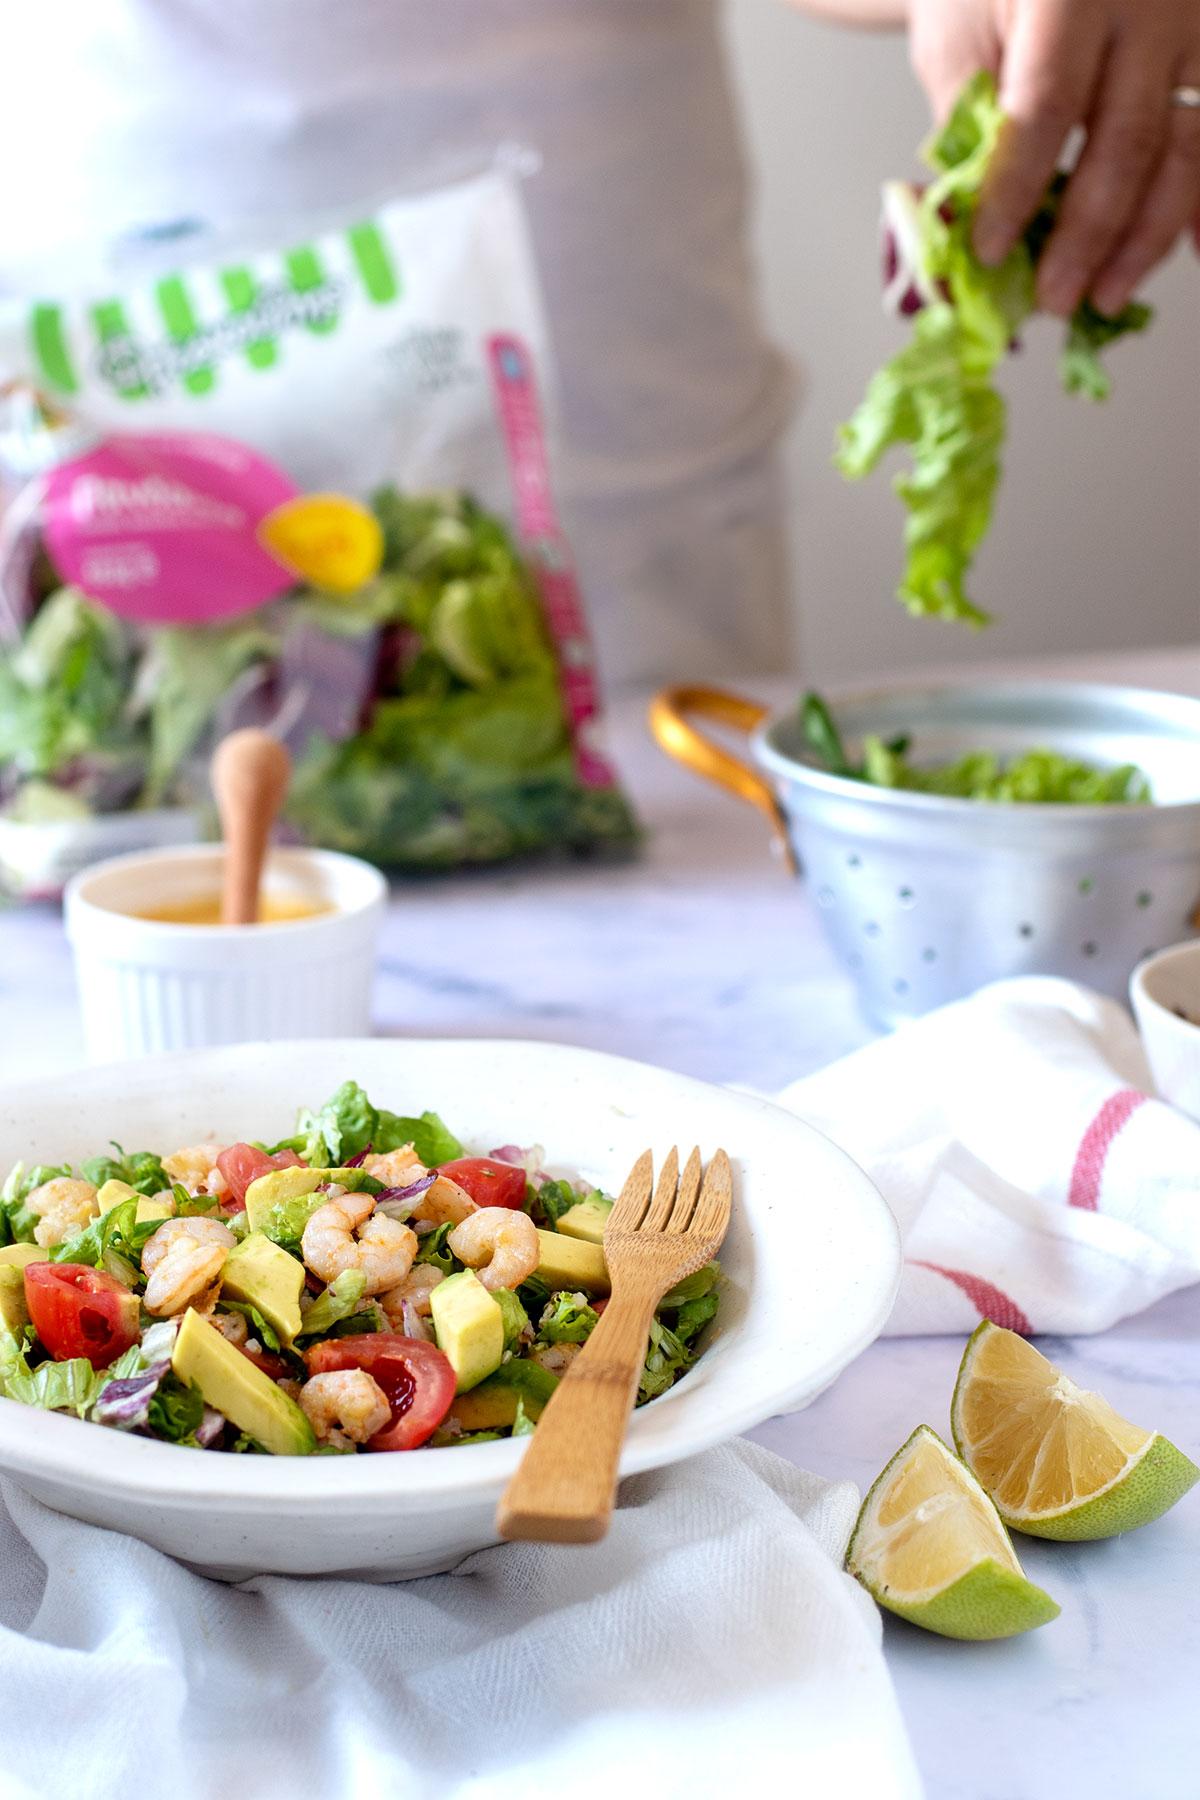 Σαλάτα με γαρίδες, κινόα & dressing μάνγκο